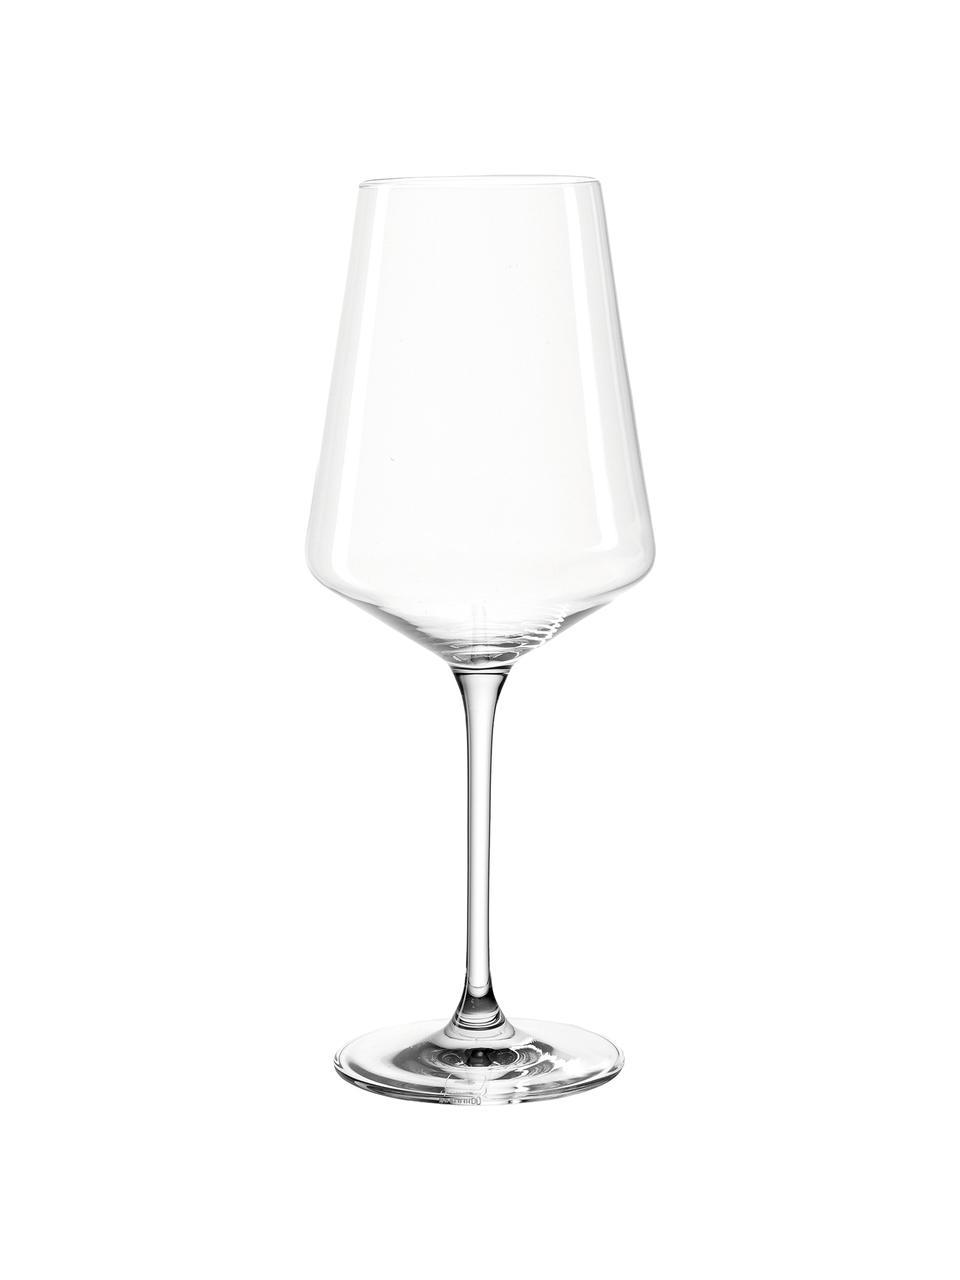 Kieliszek do białego wina Puccini, 6 szt., Szkło kryształowe, Transparentny, Ø 10 x W 24 cm